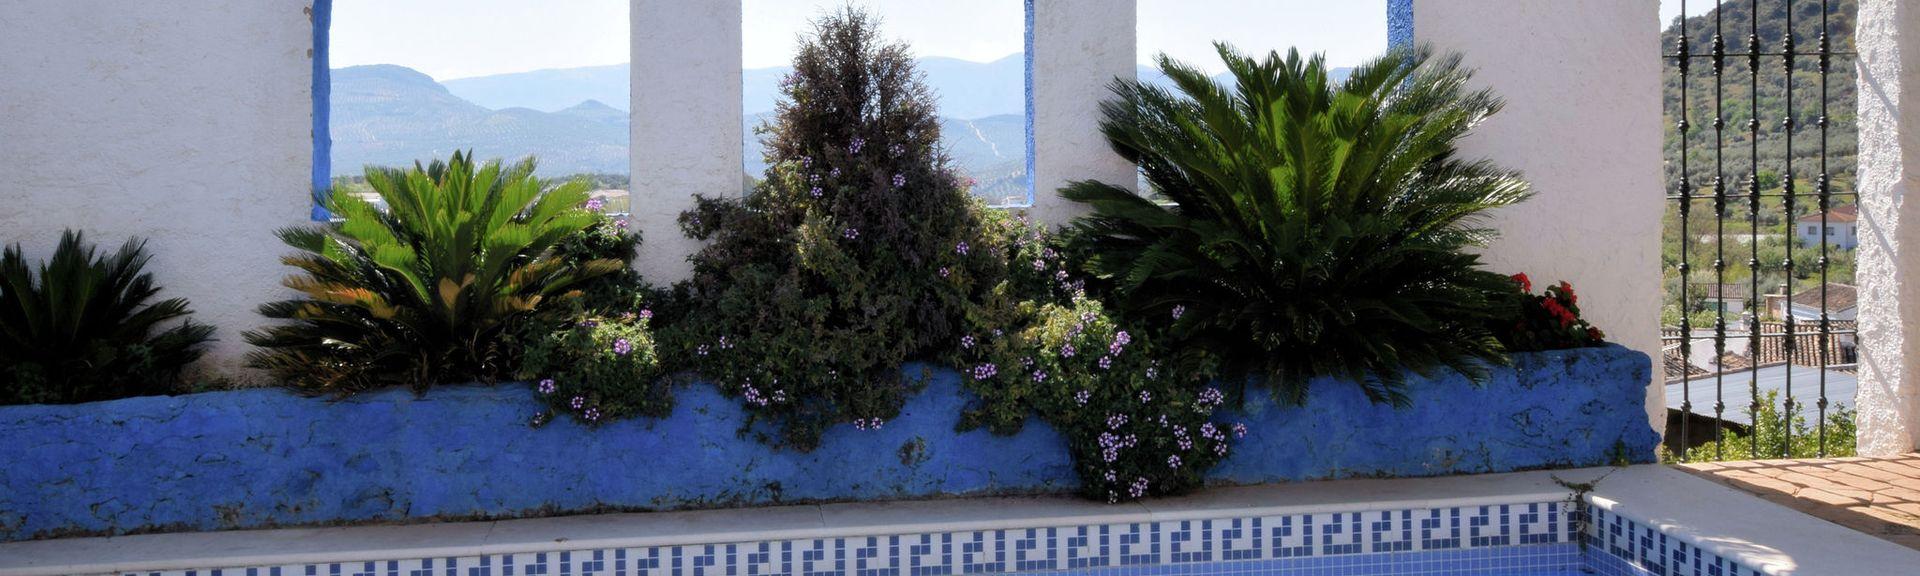 Almedinilla, Andalousie, Espagne